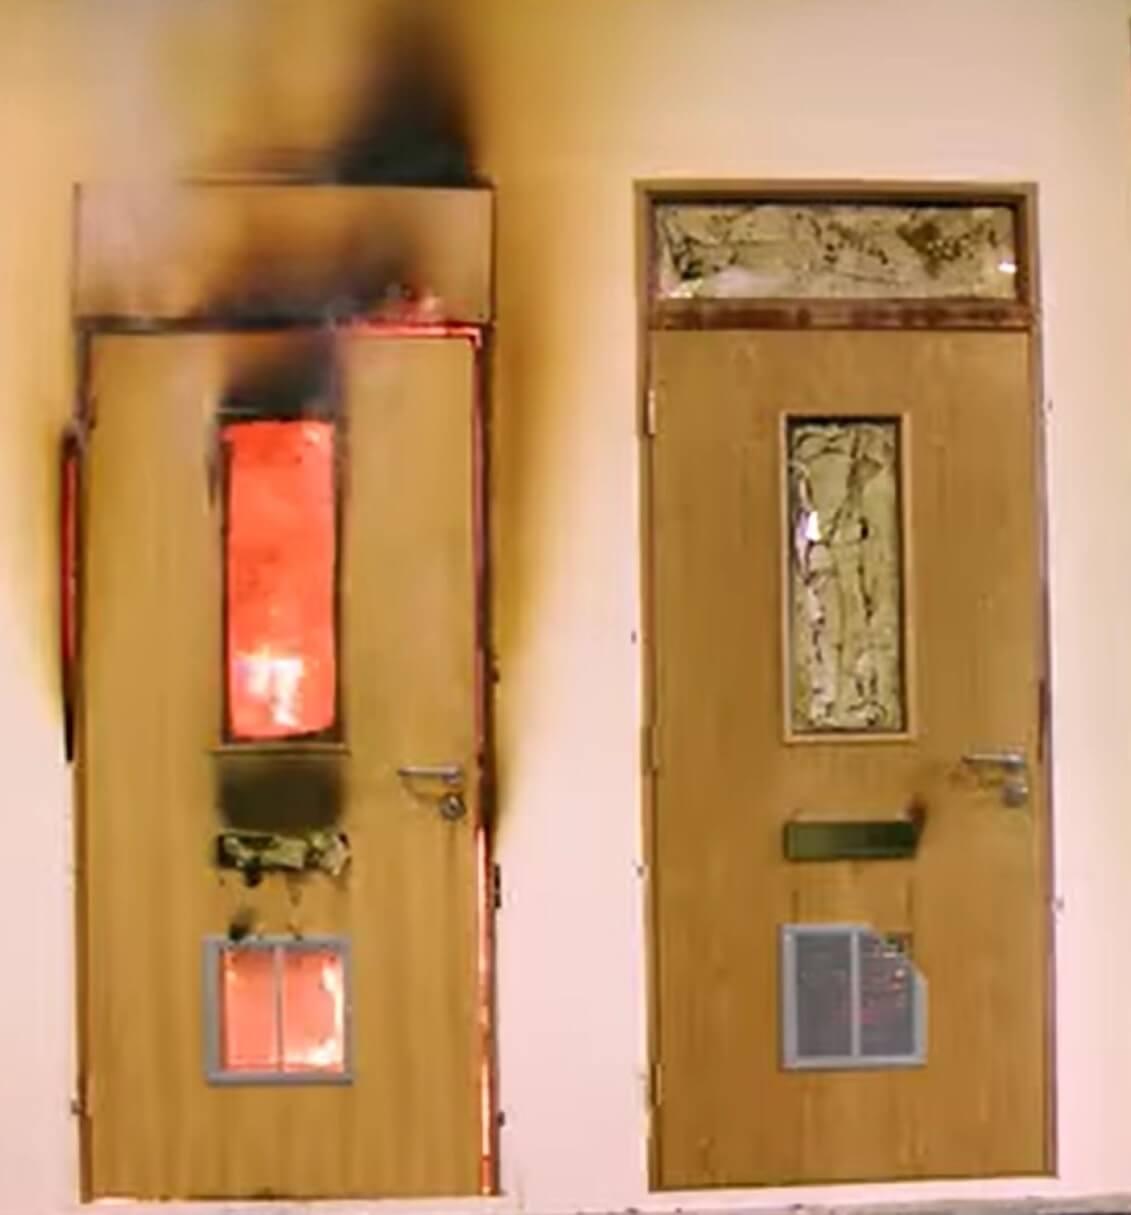 Fire, Smoke & Exit Doors